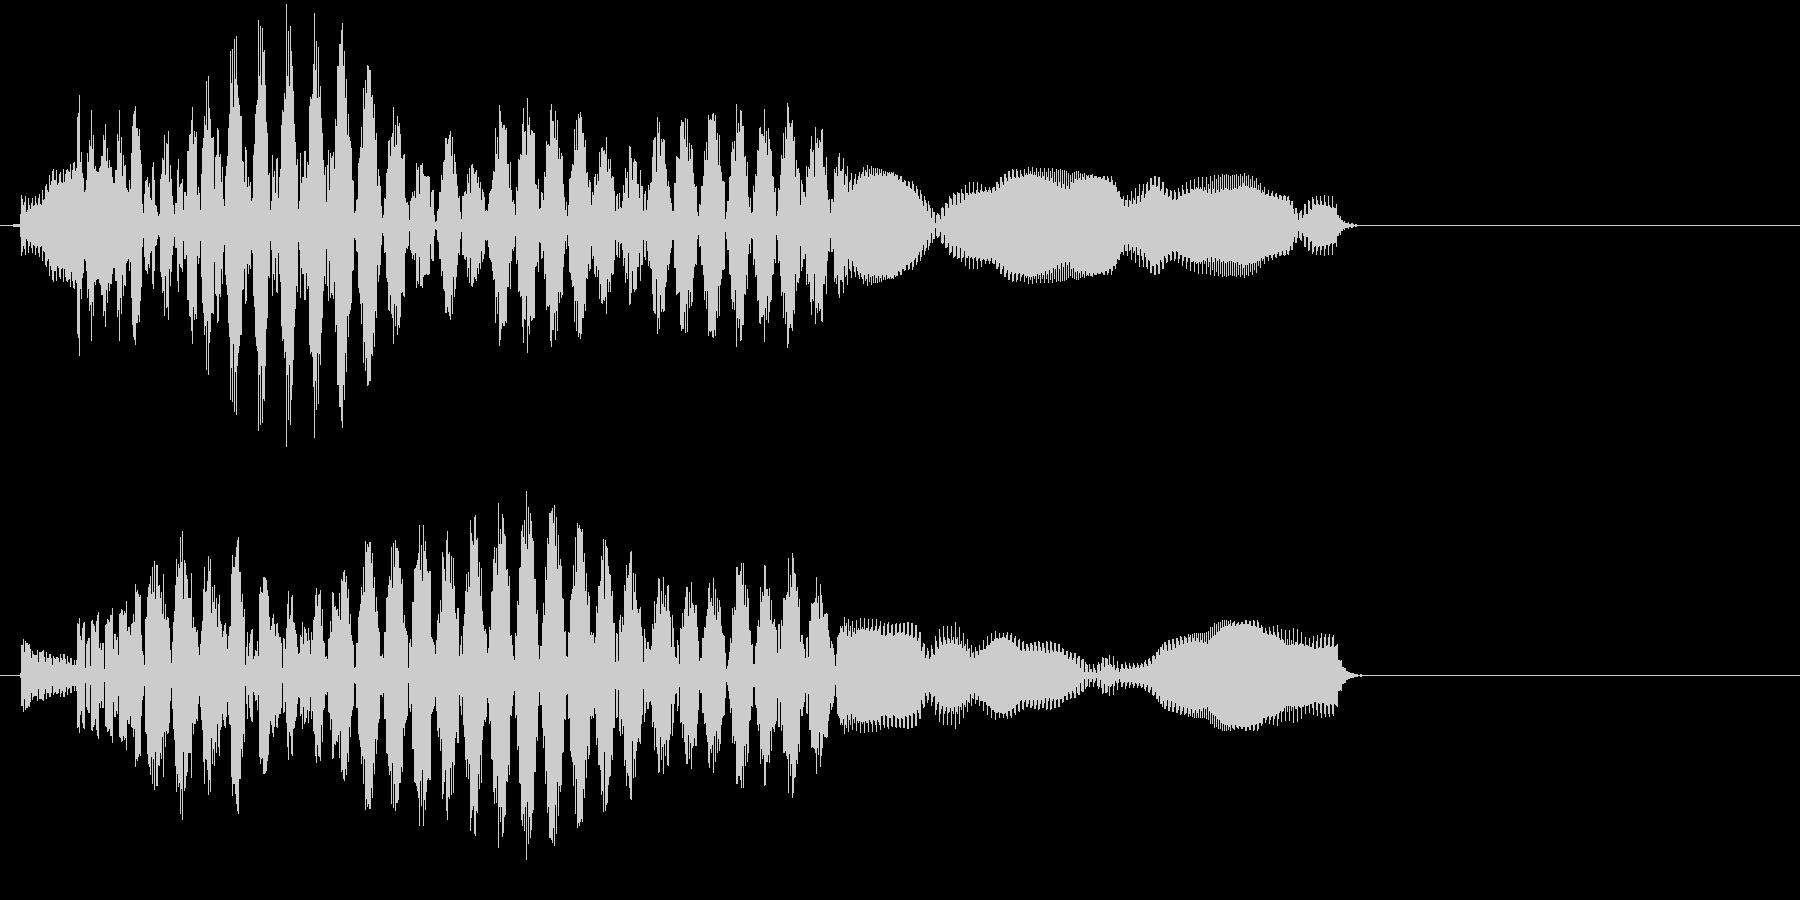 ポロロンンー(サウンドロゴ、決定)の未再生の波形